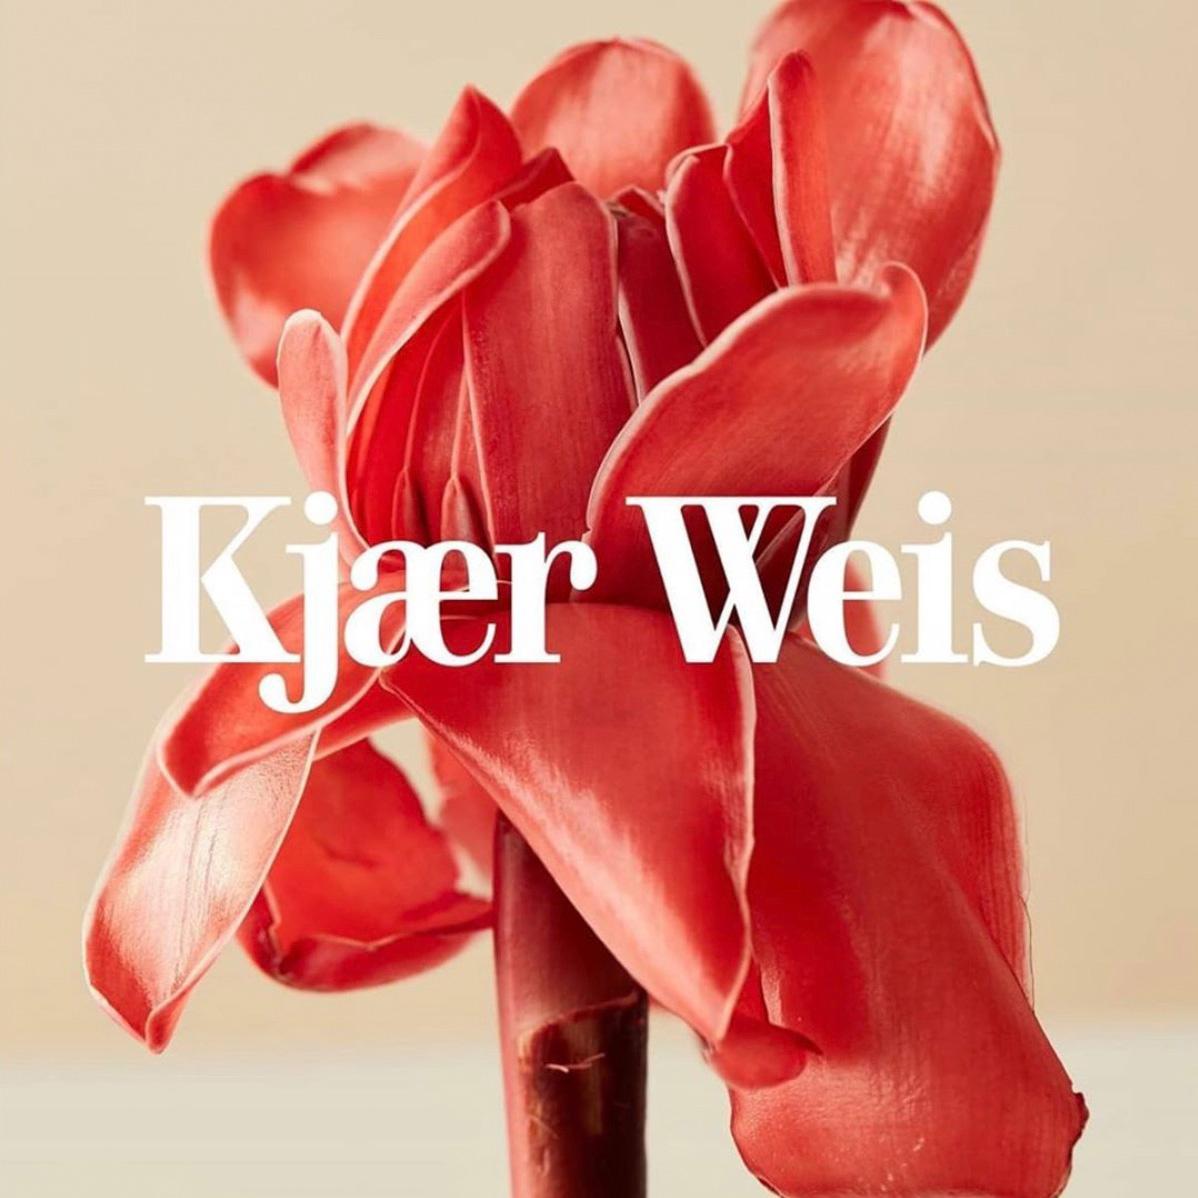 Sara Wacksman - Kjaer Weis